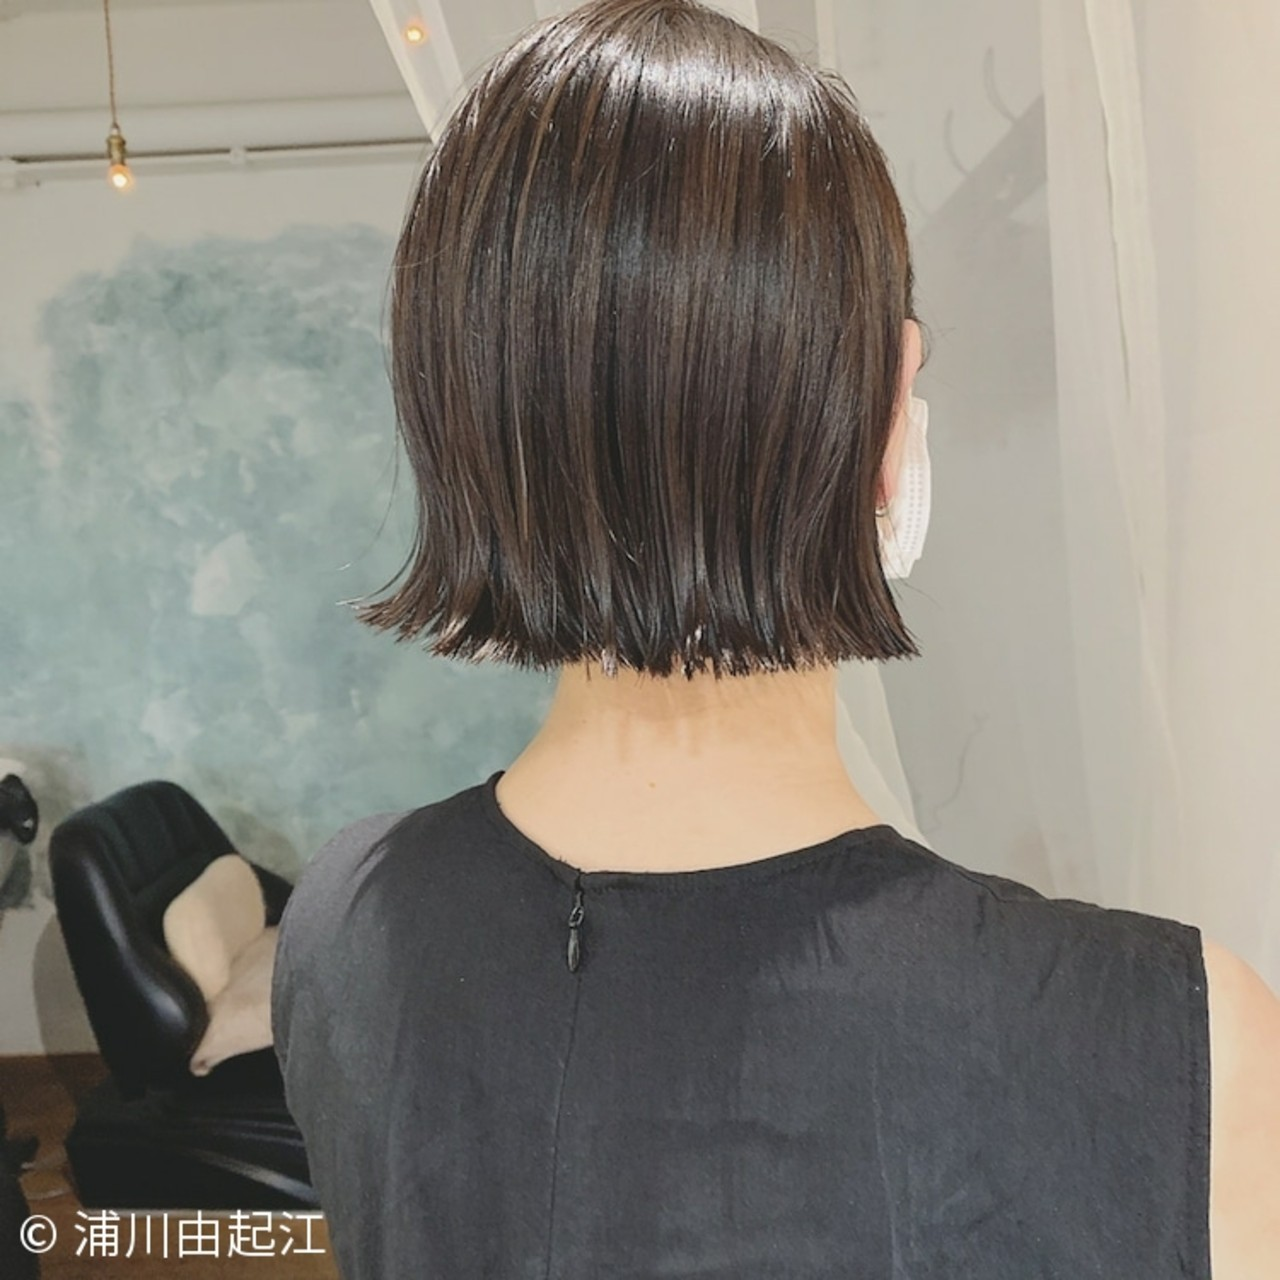 ゆるふわ 艶髪 エレガント 外ハネヘアスタイルや髪型の写真・画像